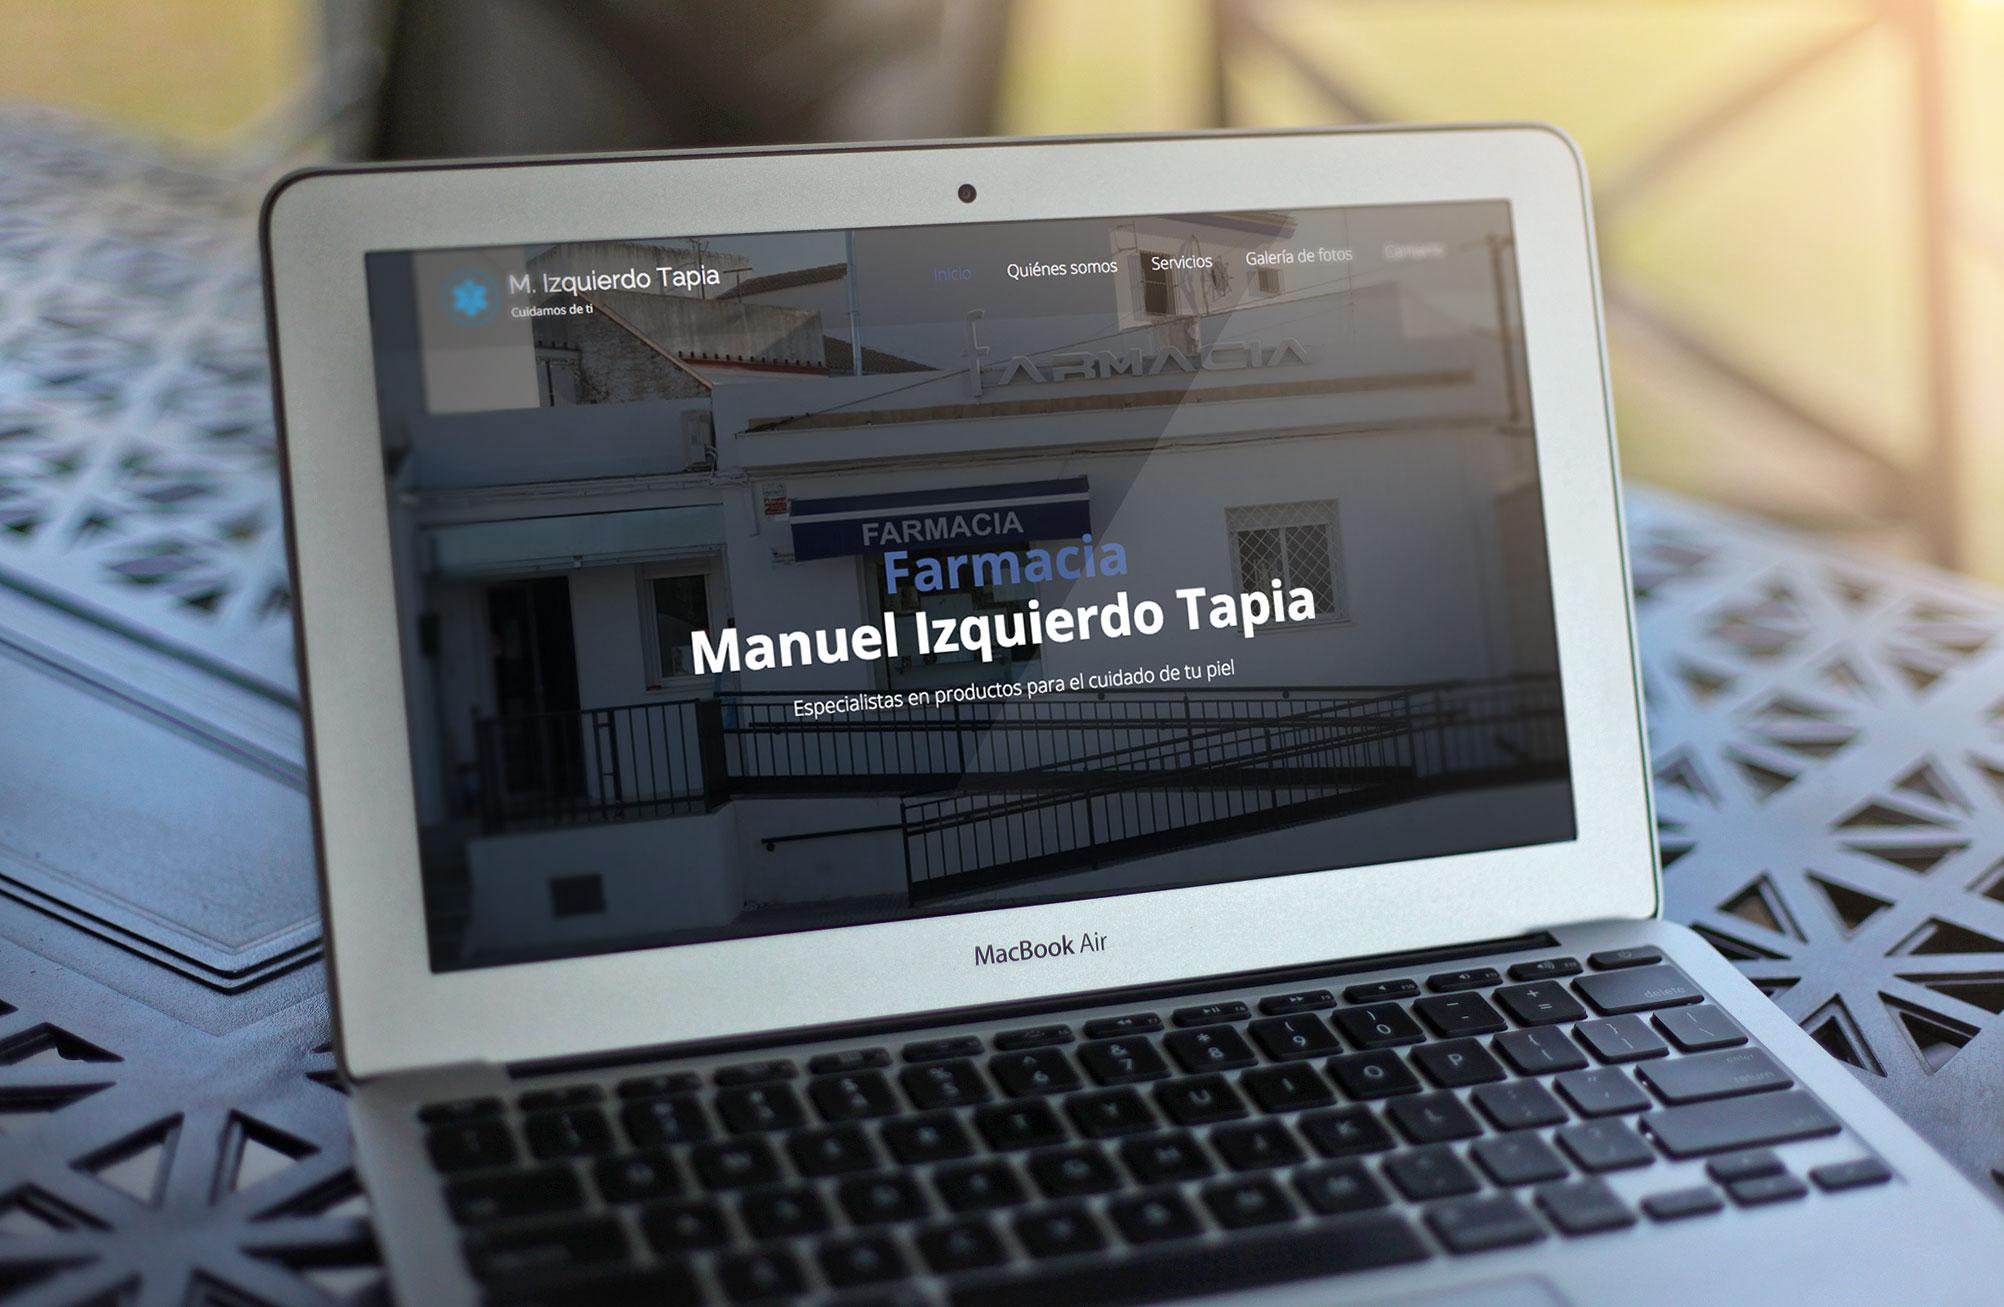 MANUEL-IZQUIERDO-TAPIA-FARMACIA